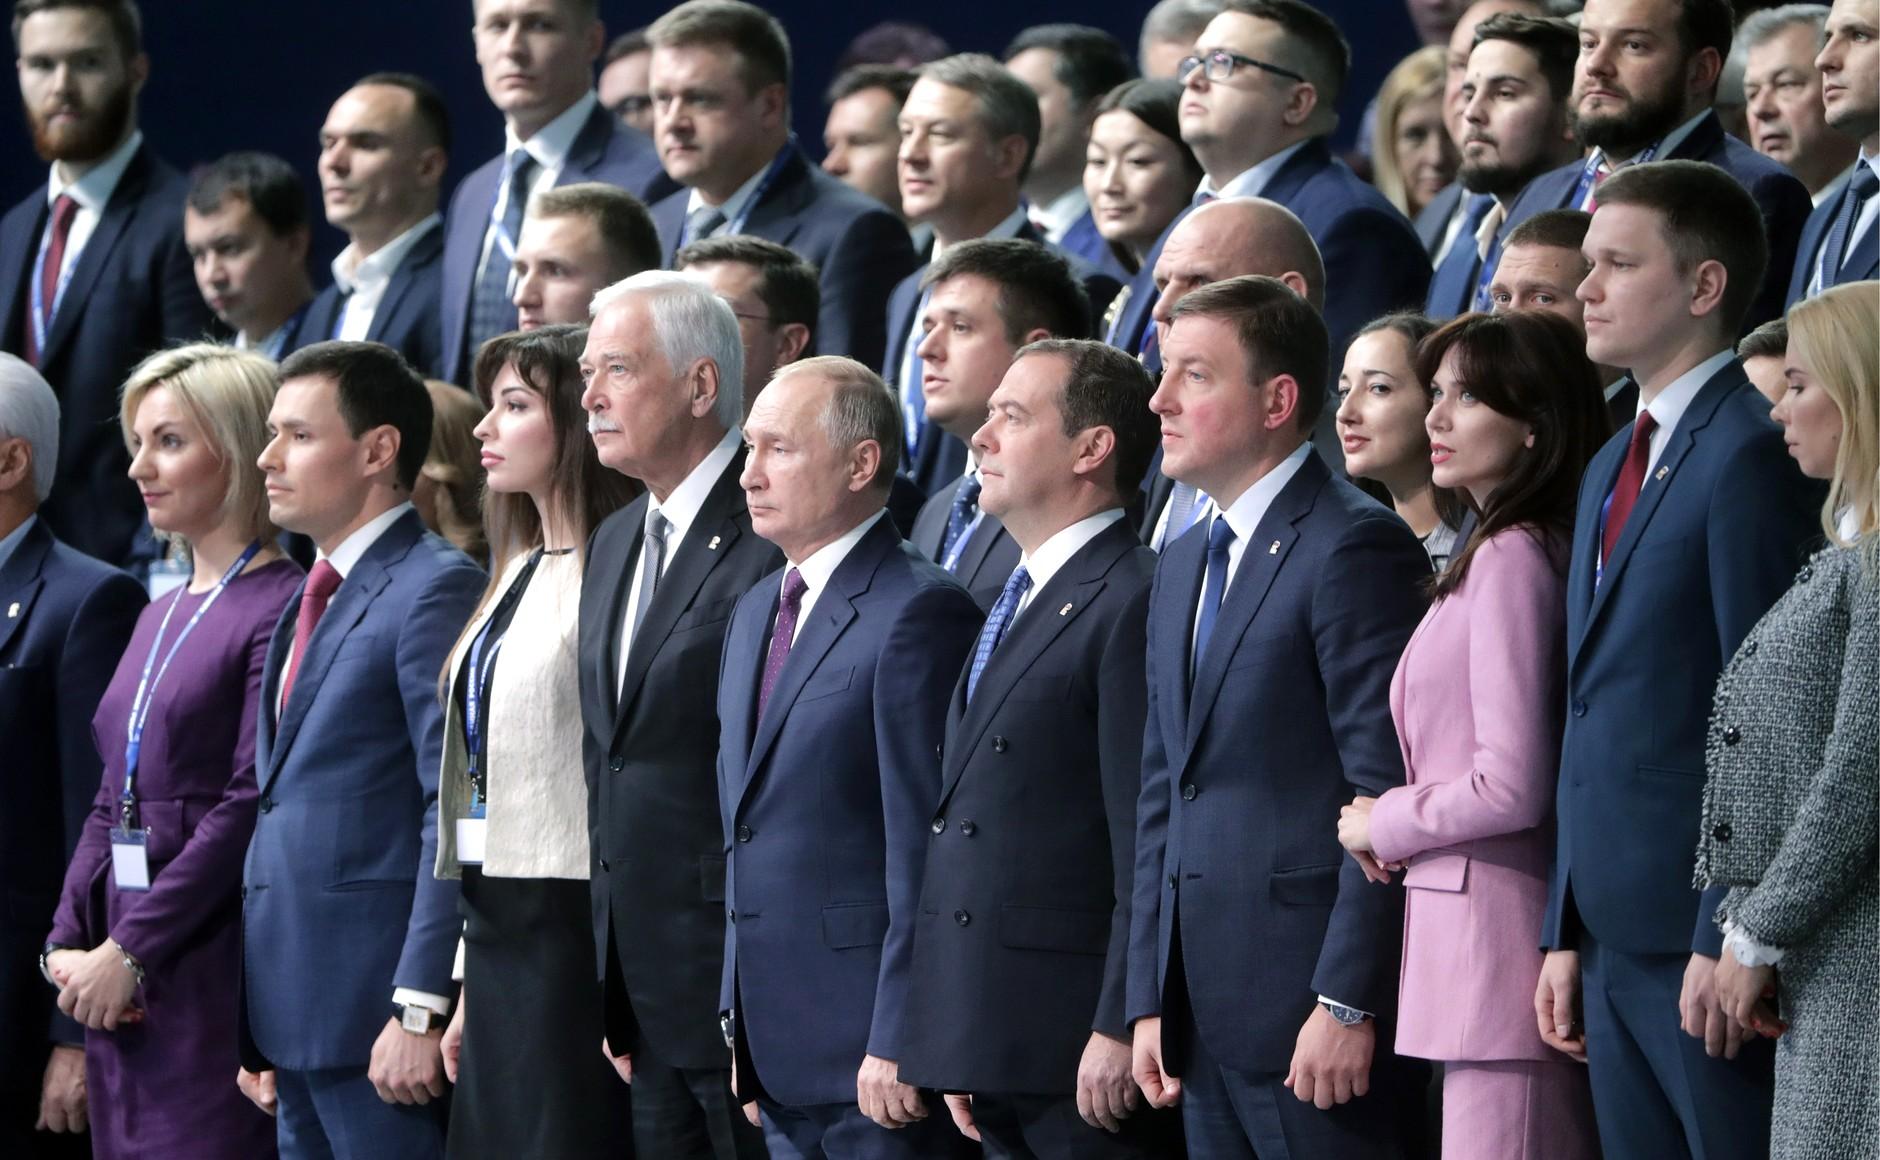 съезд «Единой России» в 2019 году, Наталья Абрамова крайняя слева в первом ряду